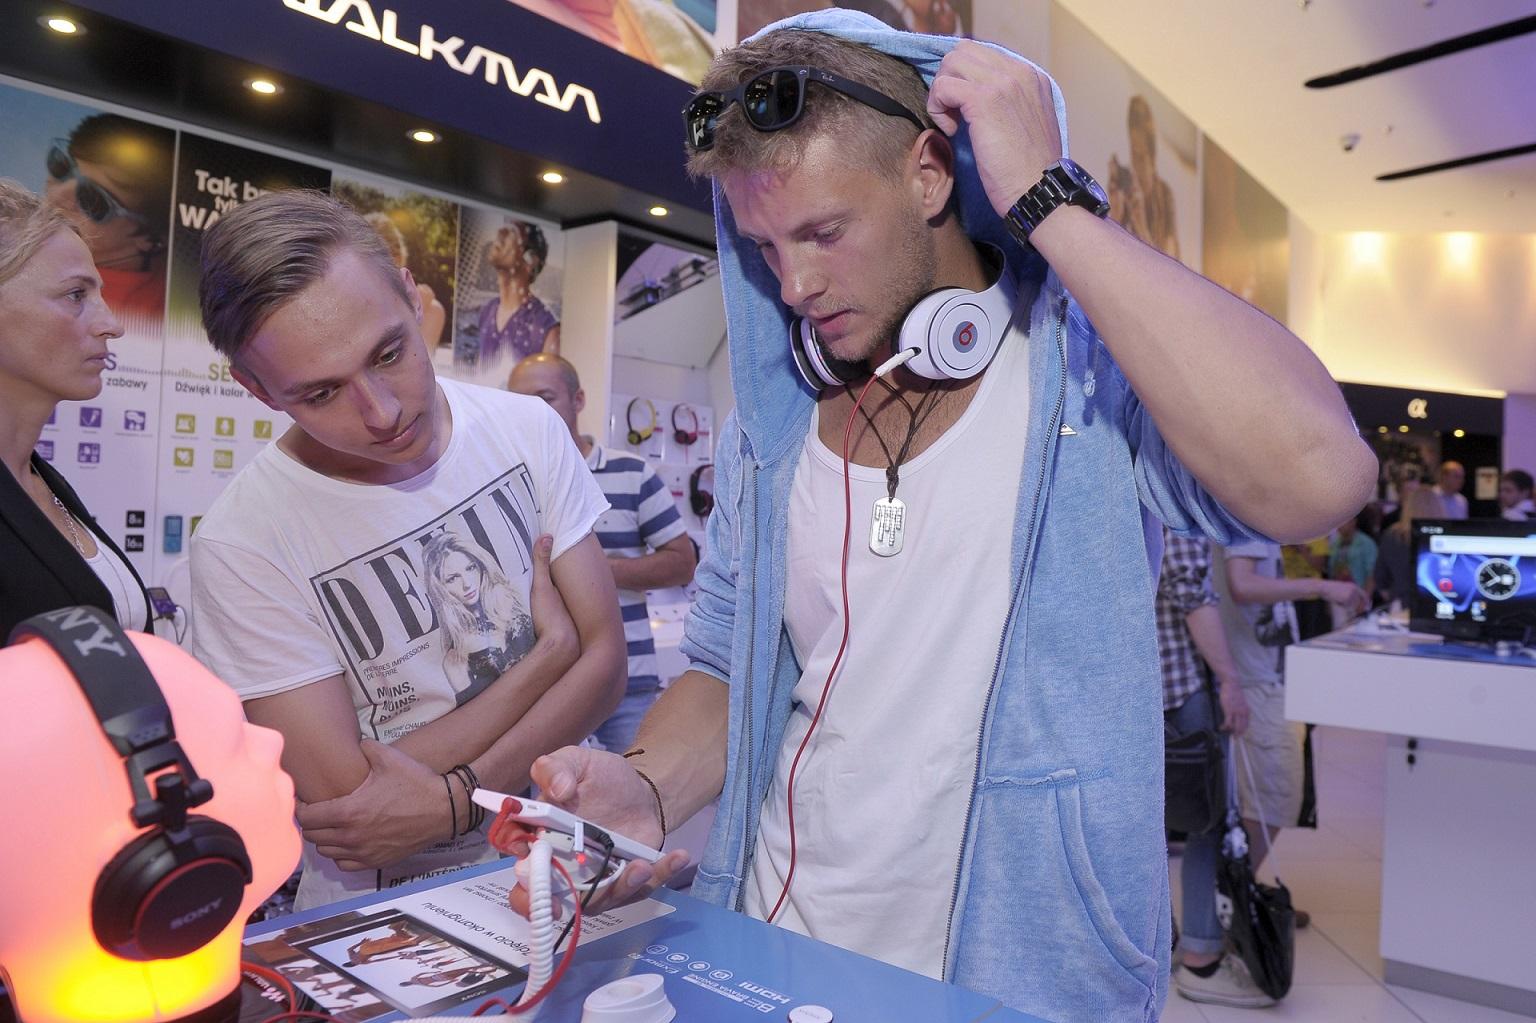 Sebastian Fabijański zapowiedział płytę w stylu rapowym.